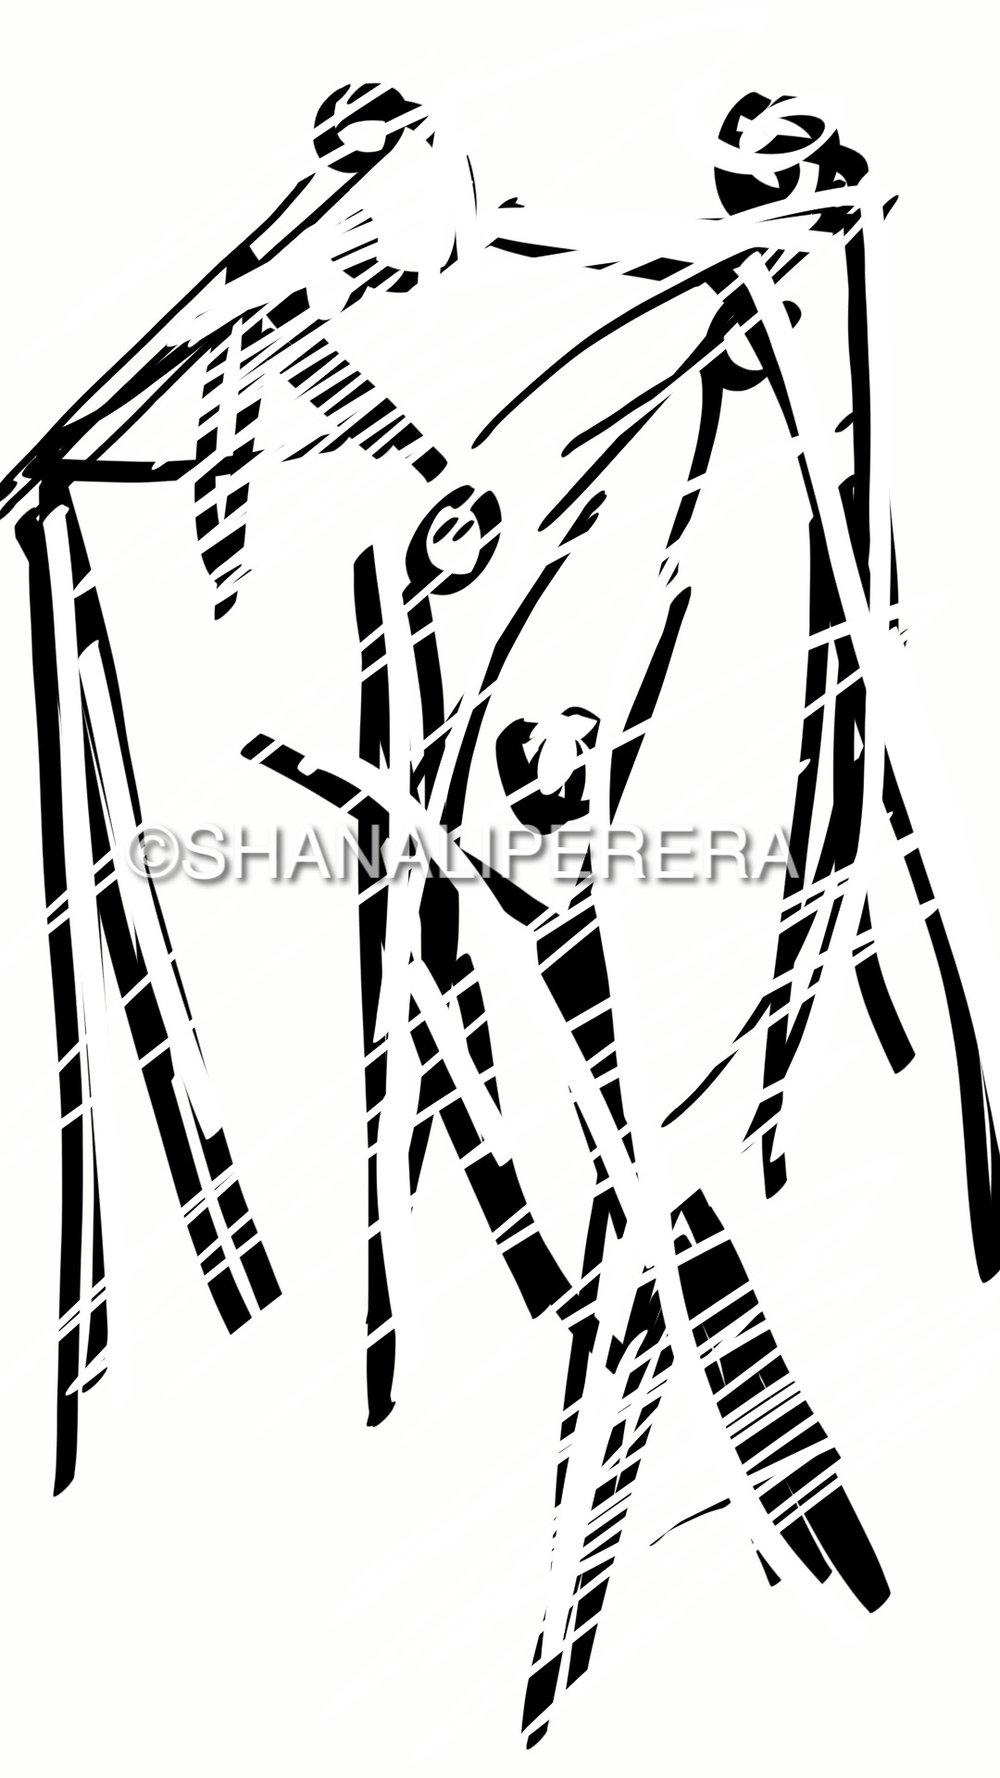 sketch-1494267342994.jpg